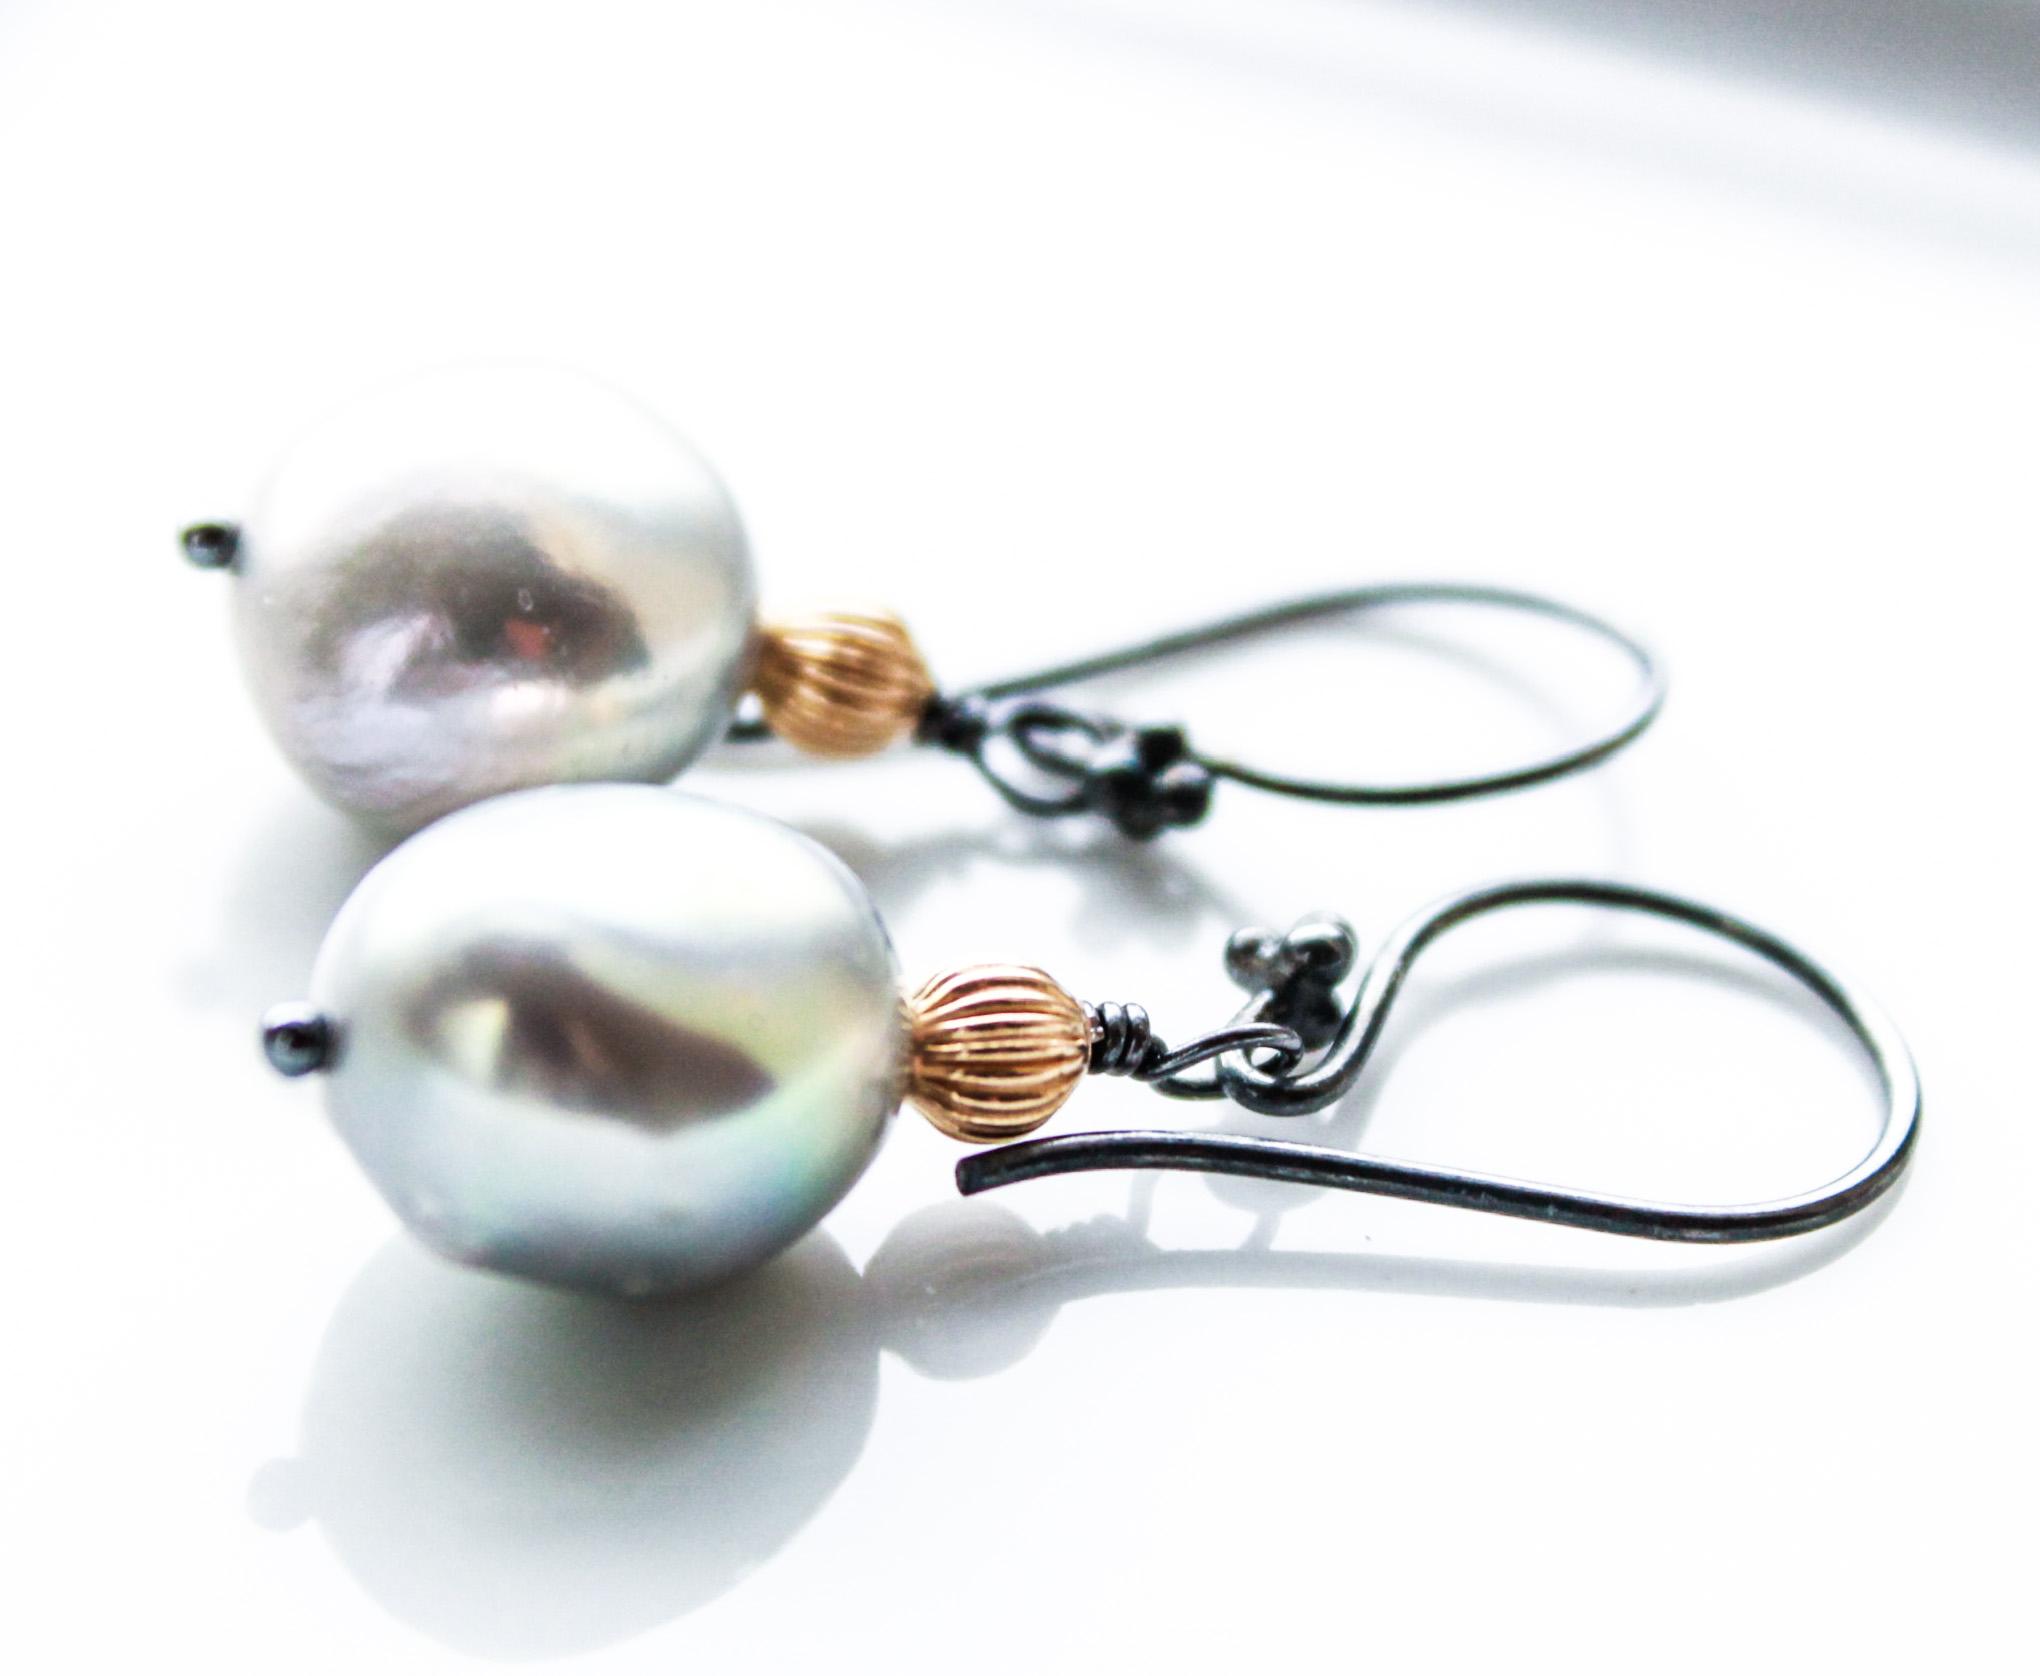 weddings Pearl earrings bridesmaid gift dangle earrings tiny pearl gold earrings 14k gold filled bridal earrings modern earrings